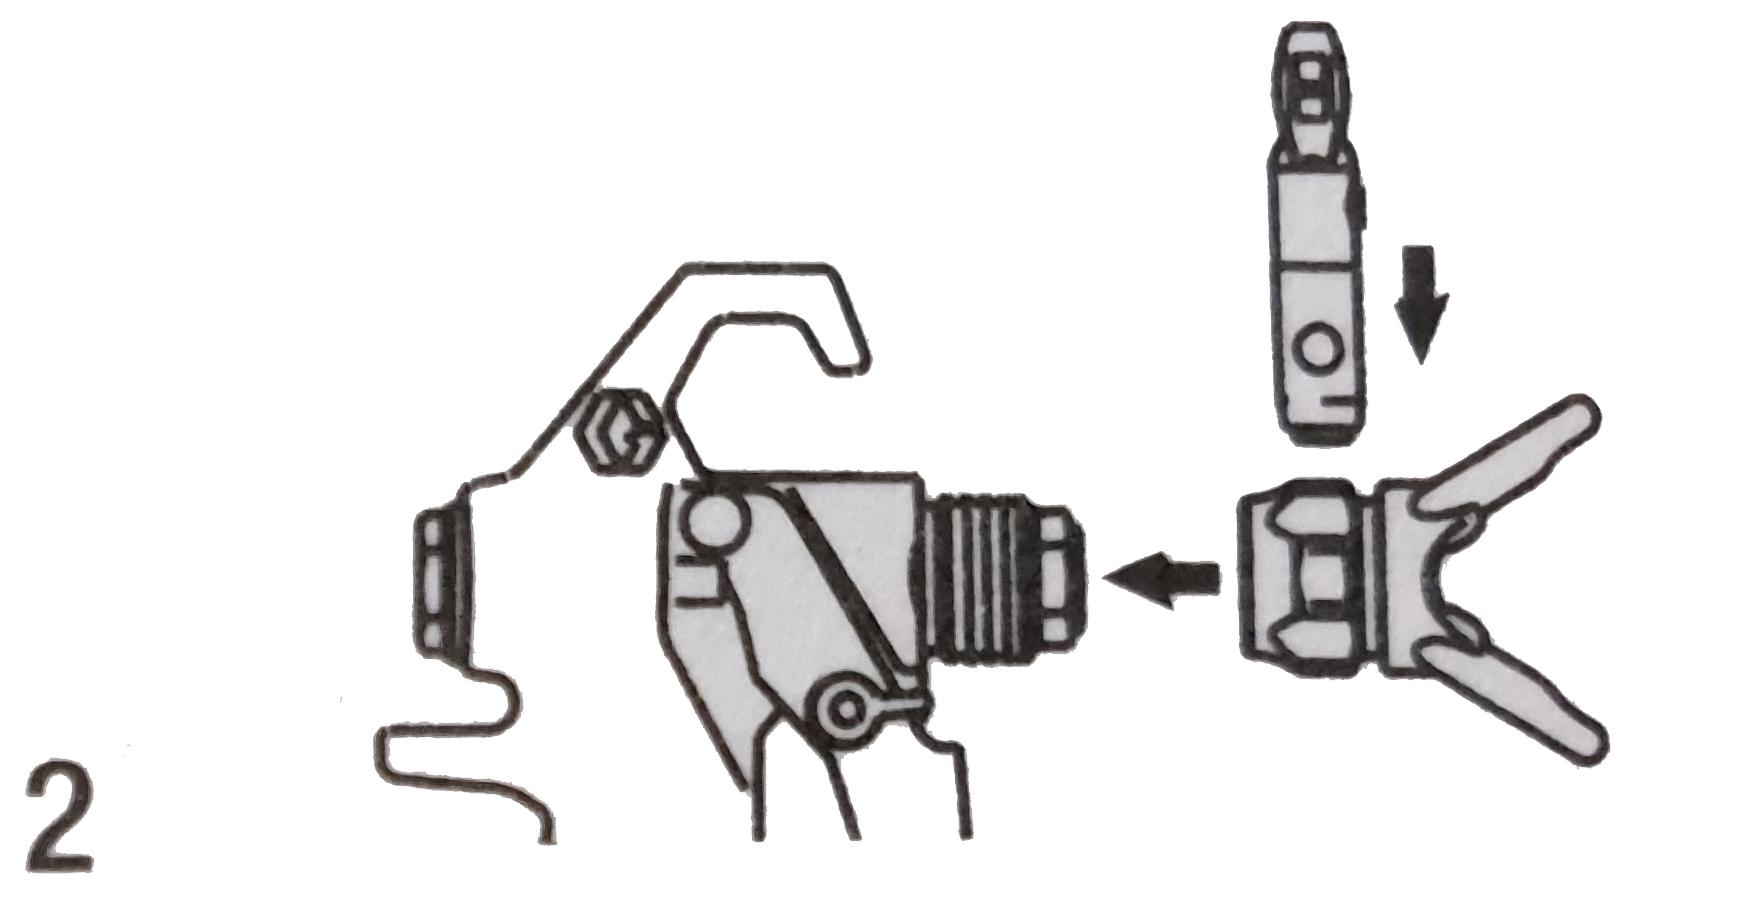 Sièges + Joints montage étape 2